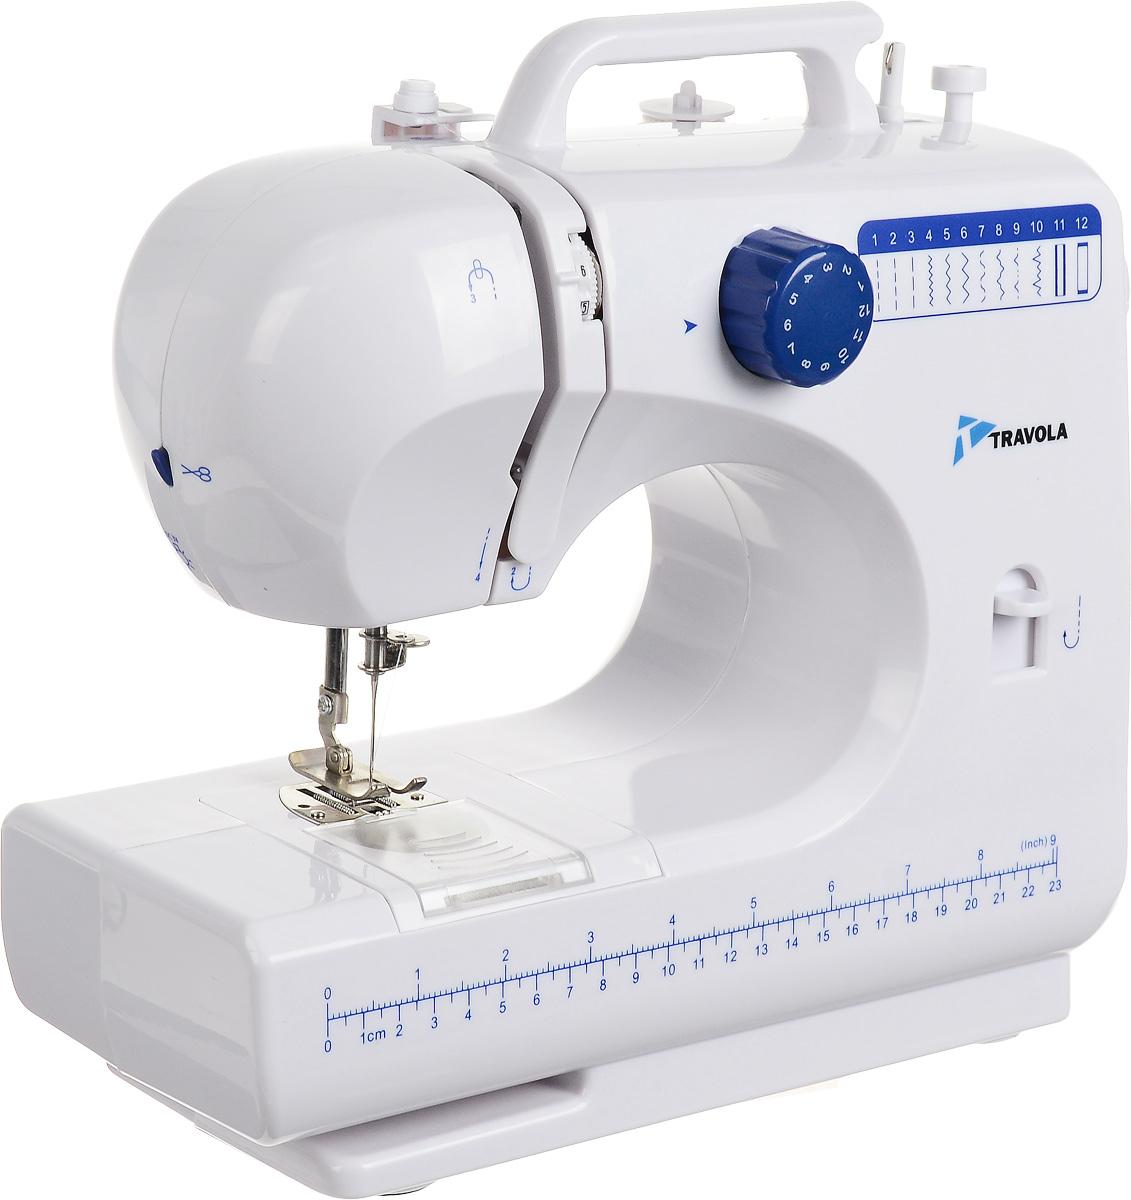 Travola 506 швейная машина506Машина Travola 506 идеально подходит для выполнения основных швейных операций при изготовлении и ремонте одежды. Эта надежная машина имеет традиционный набор функций, который необходим для шитья.